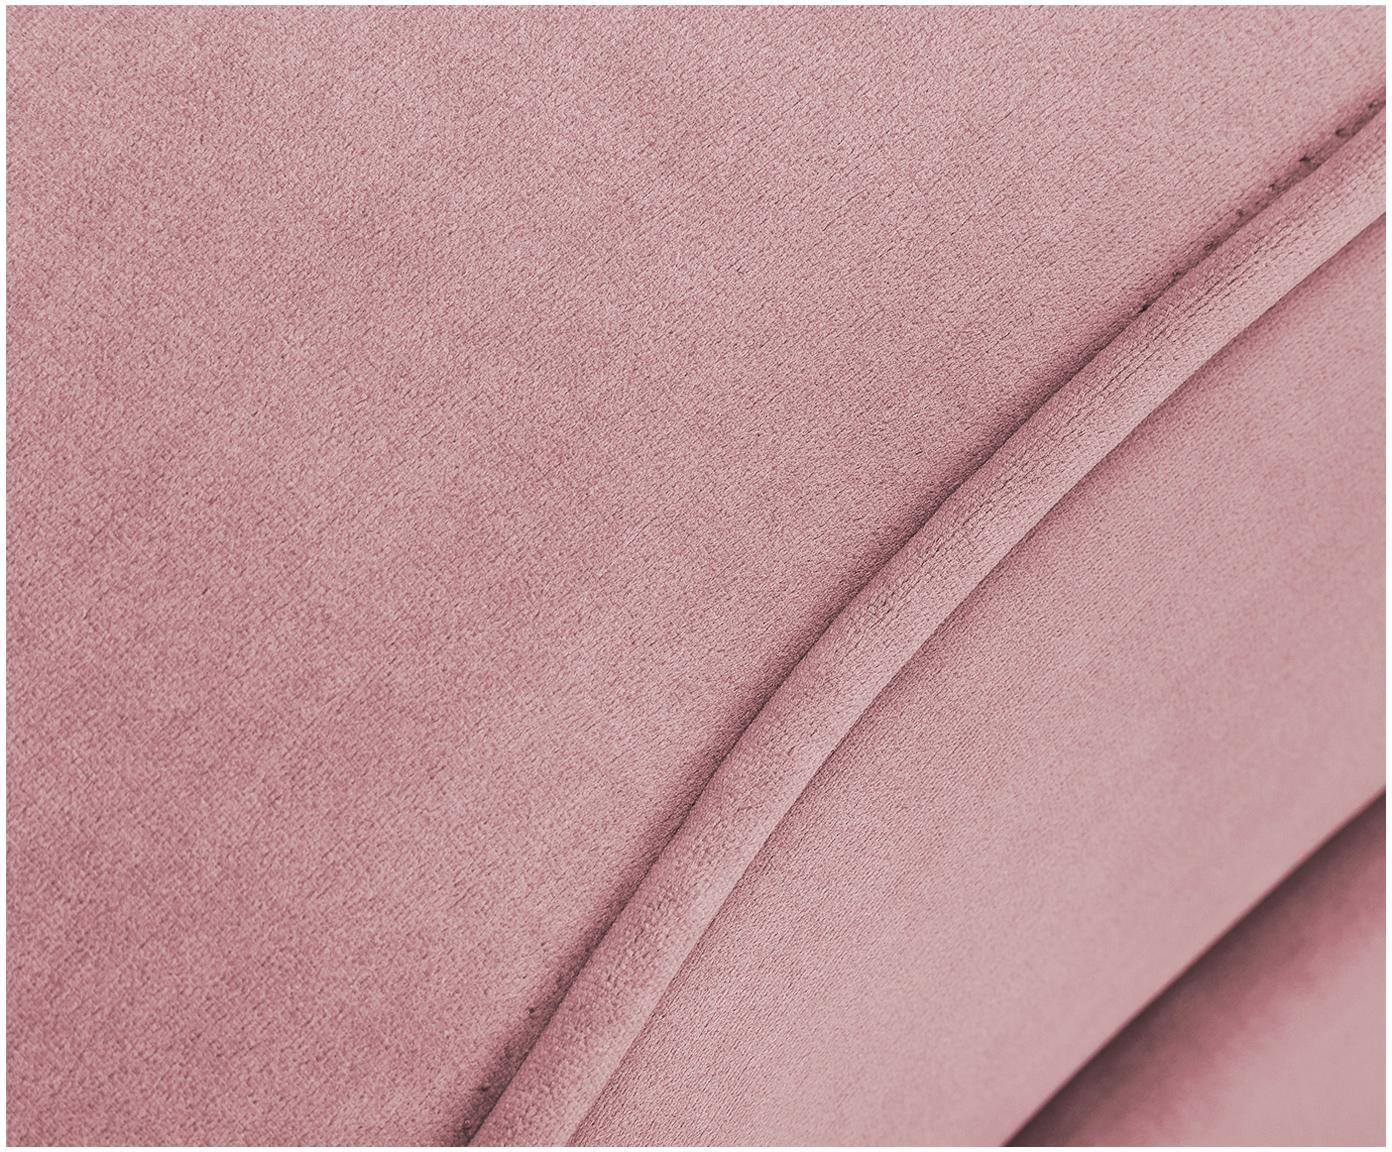 Sofa z aksamitu w kształcie nerki Gatsby (2-osobowa), Tapicerka: aksamit (poliester) 2500, Stelaż: lite drewno eukaliptusowe, Nogi: metal galwanizowany, Blady różowy, S 173 x G 87 cm